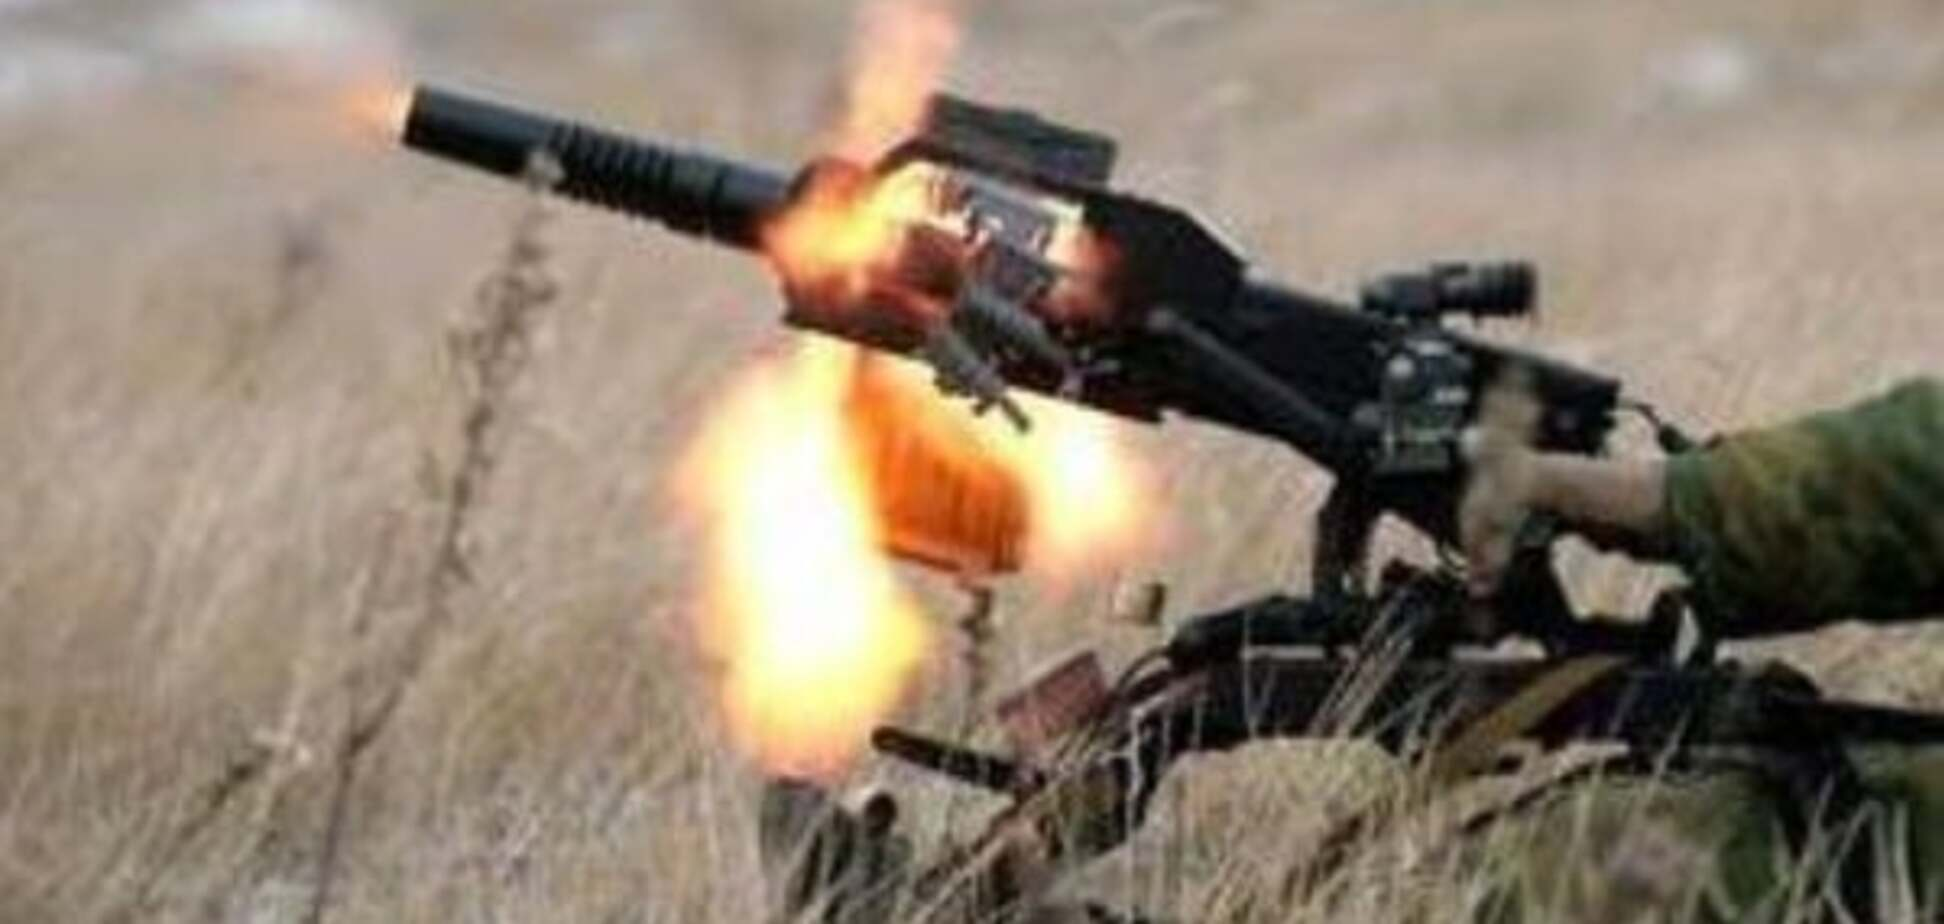 Українські бійці 10 разів відкривали вогонь у відповідь по терористах - штаб АТО